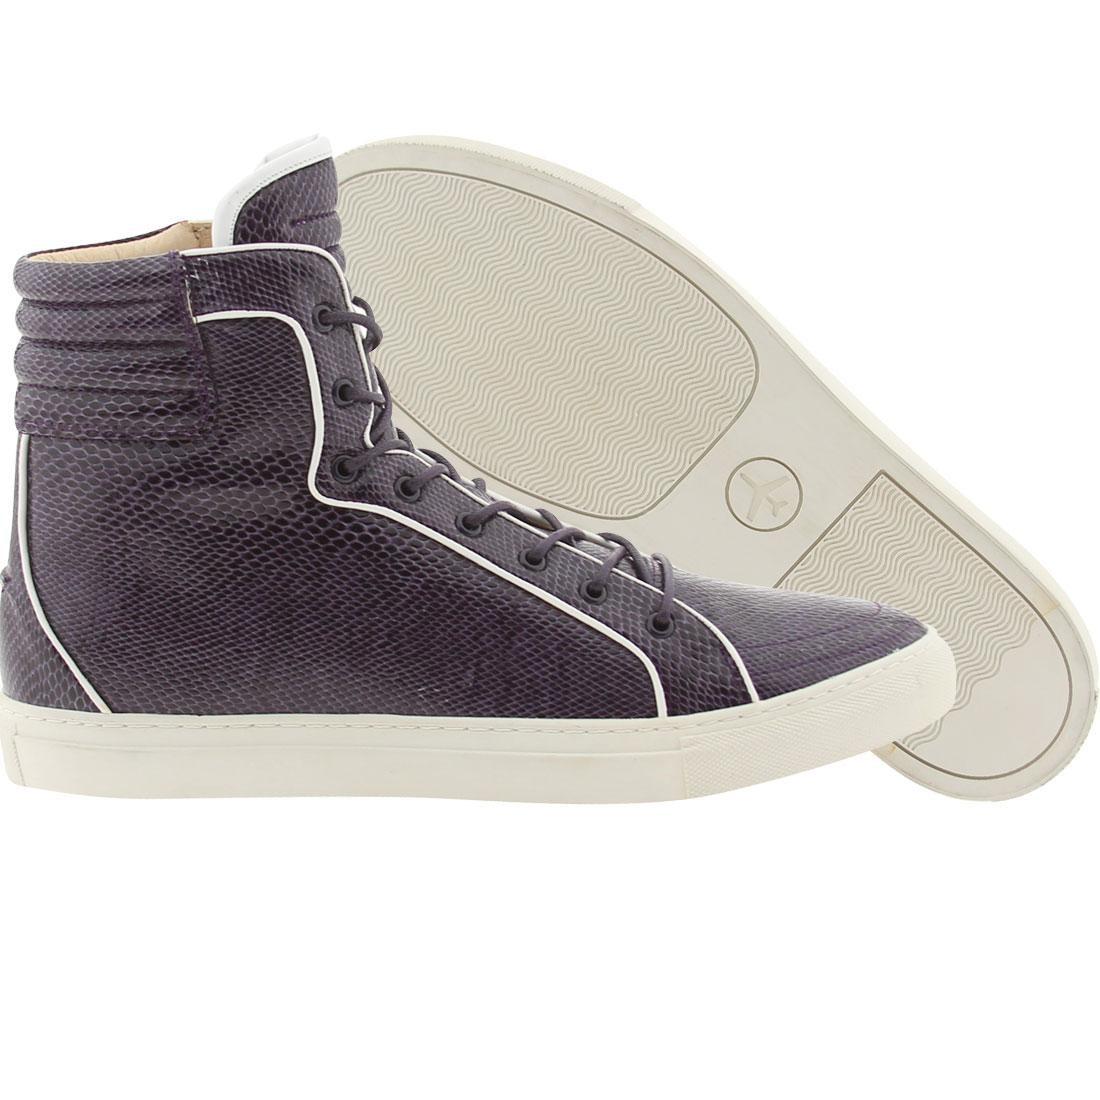 【海外限定】ディープ 紫 パープル 靴 メンズ靴 【 PURPLE PASSPORT MIKI DEEP SNAKE WHITE 】